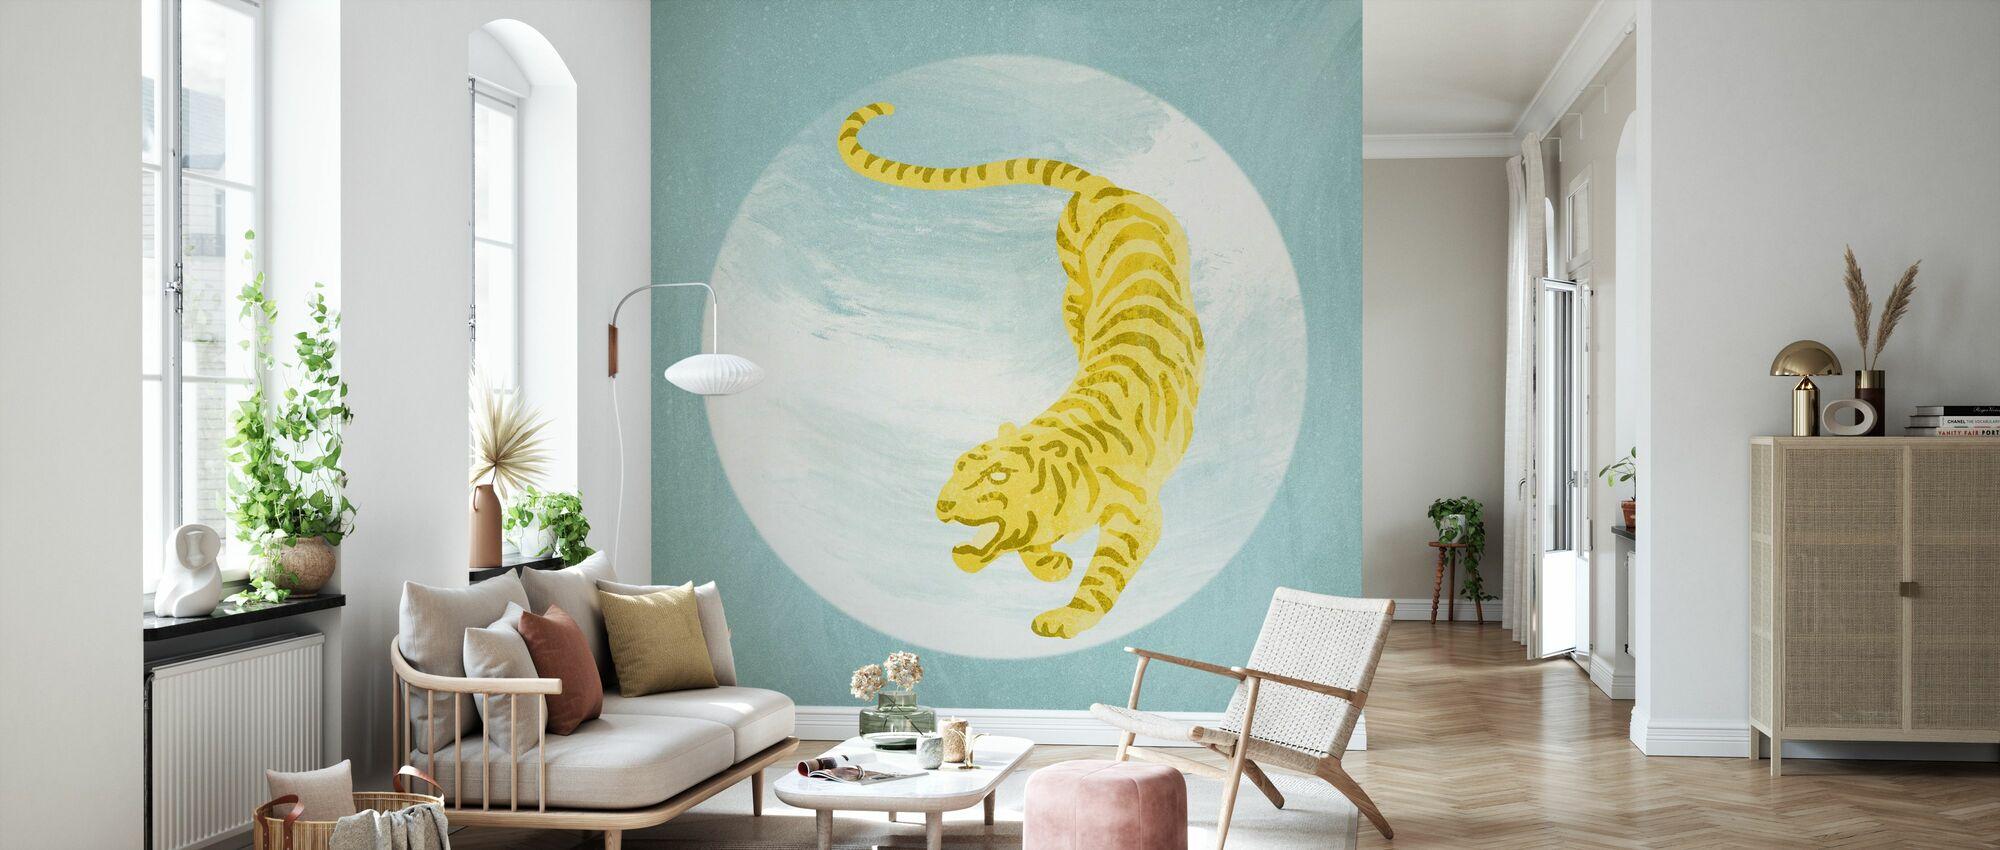 Tigerblau - Tapete - Wohnzimmer